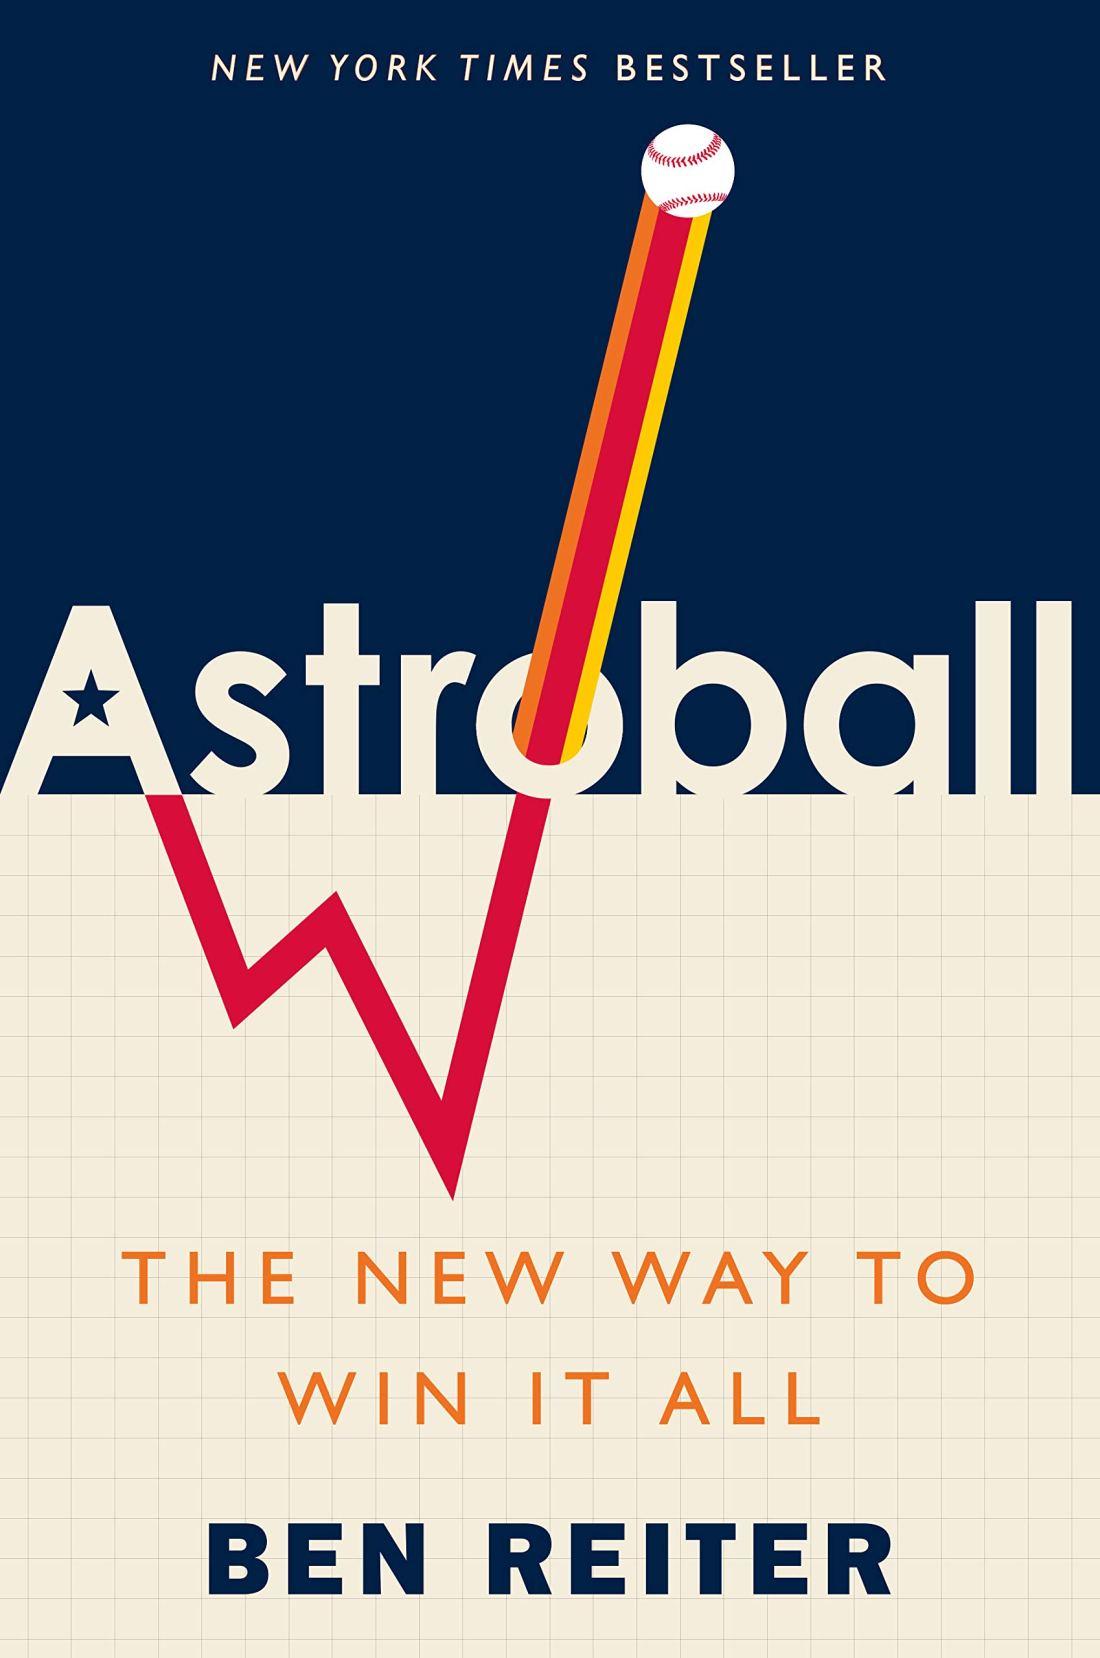 astroball.jpg